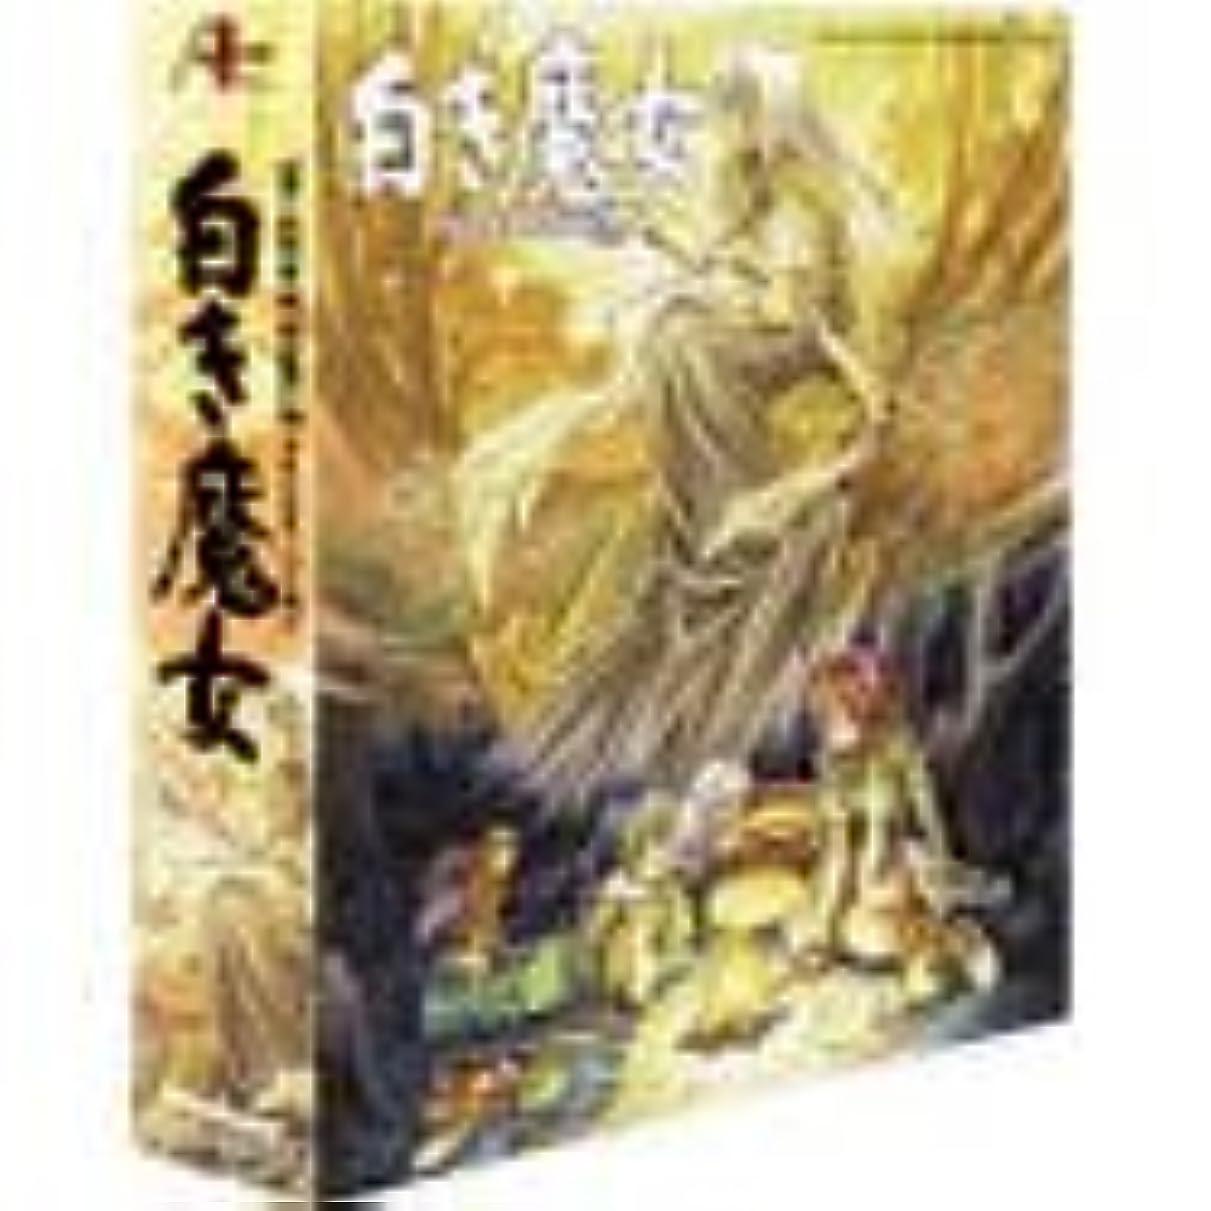 噴出するわずらわしい一般化する英雄伝説 3 白き魔女 XP DVD-ROM版